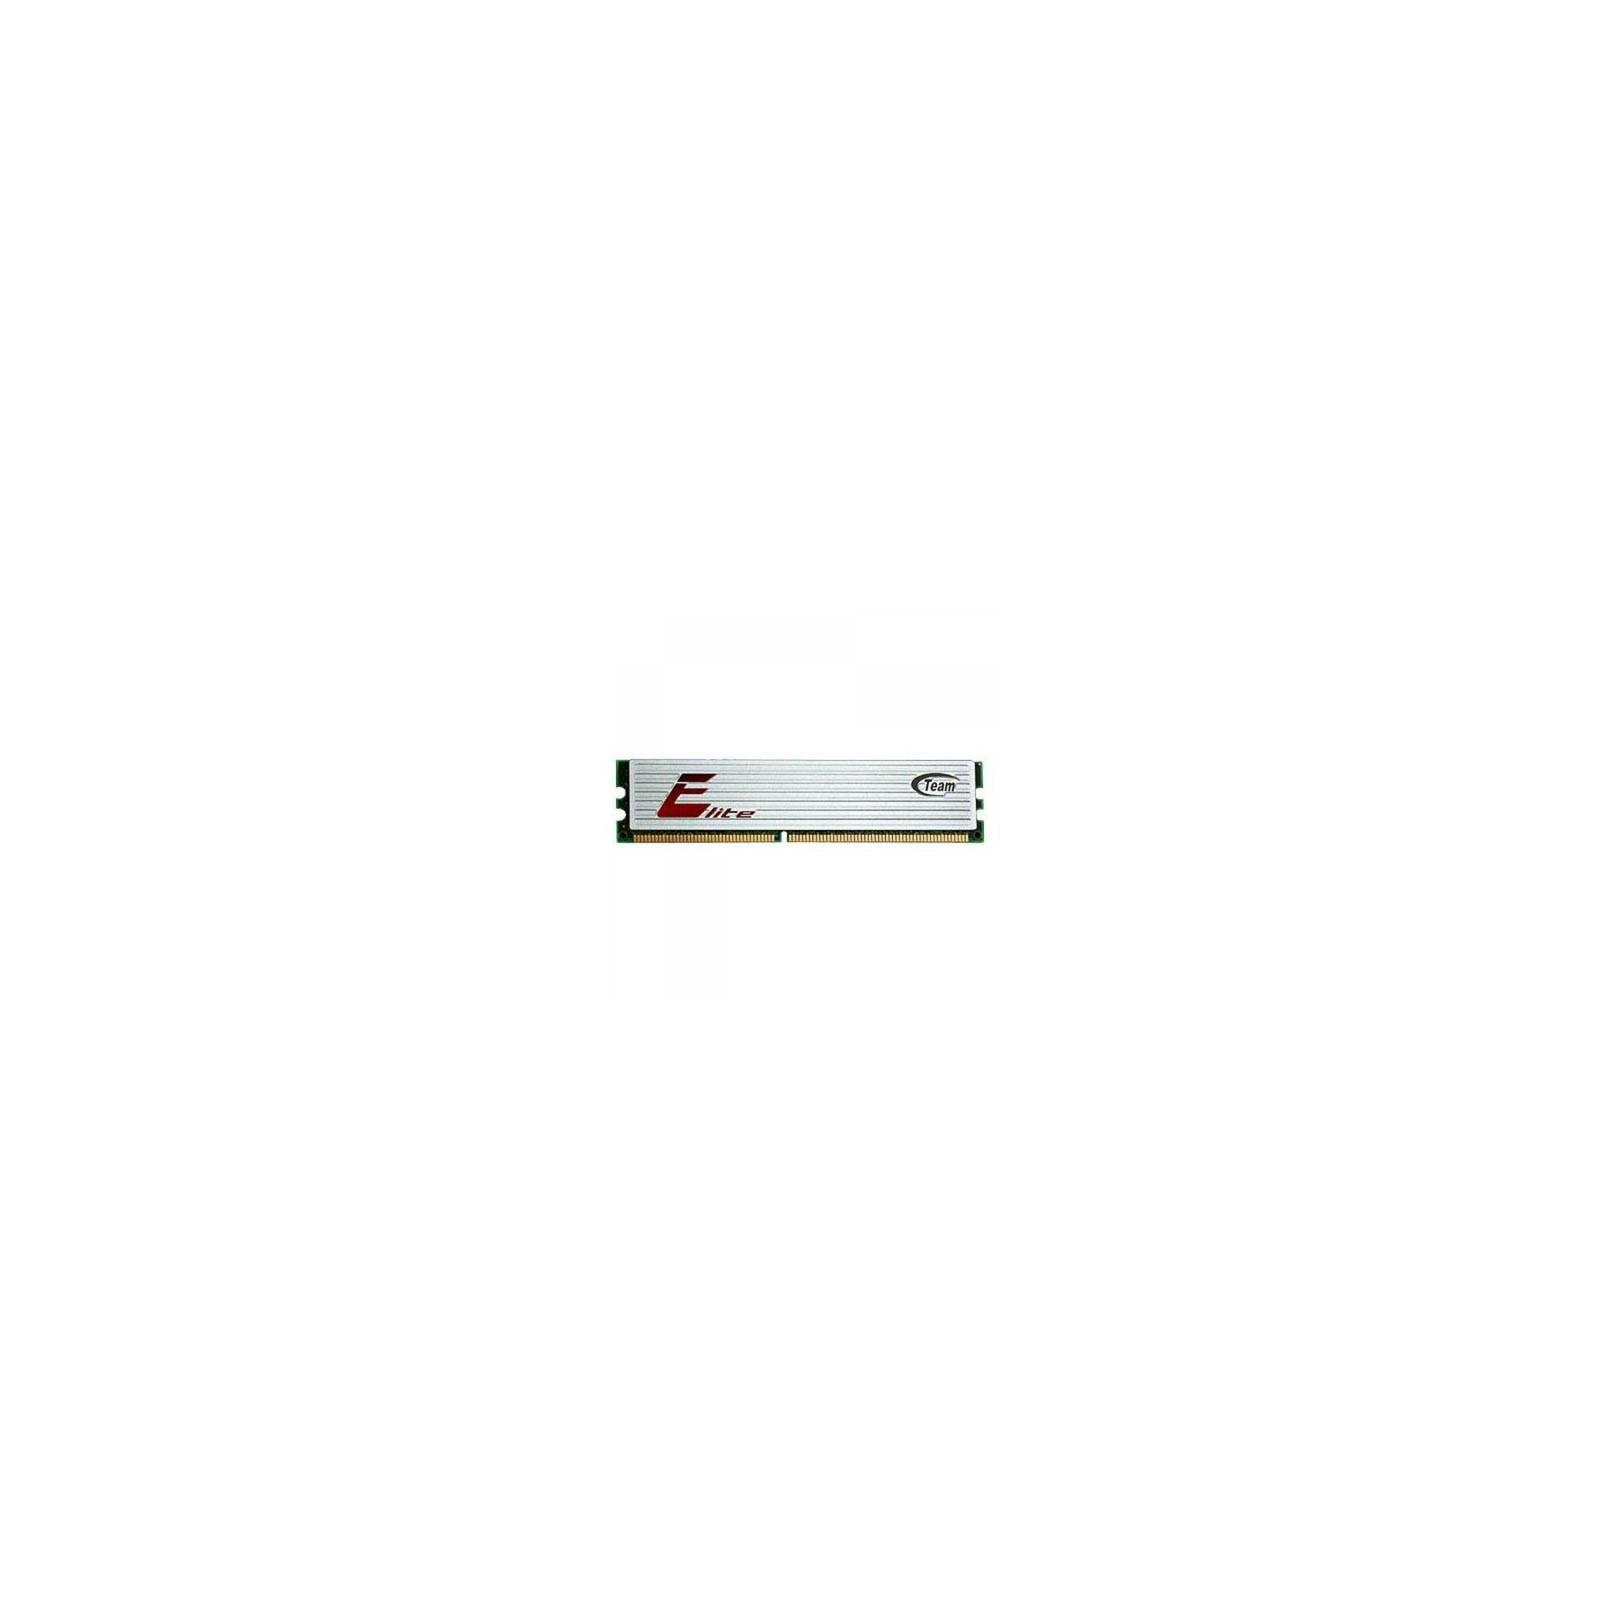 Модуль памяти для компьютера DDR3 4GB 1600 MHz Team (TED34GM1600HC11BK / TED34G1600HC11BK)